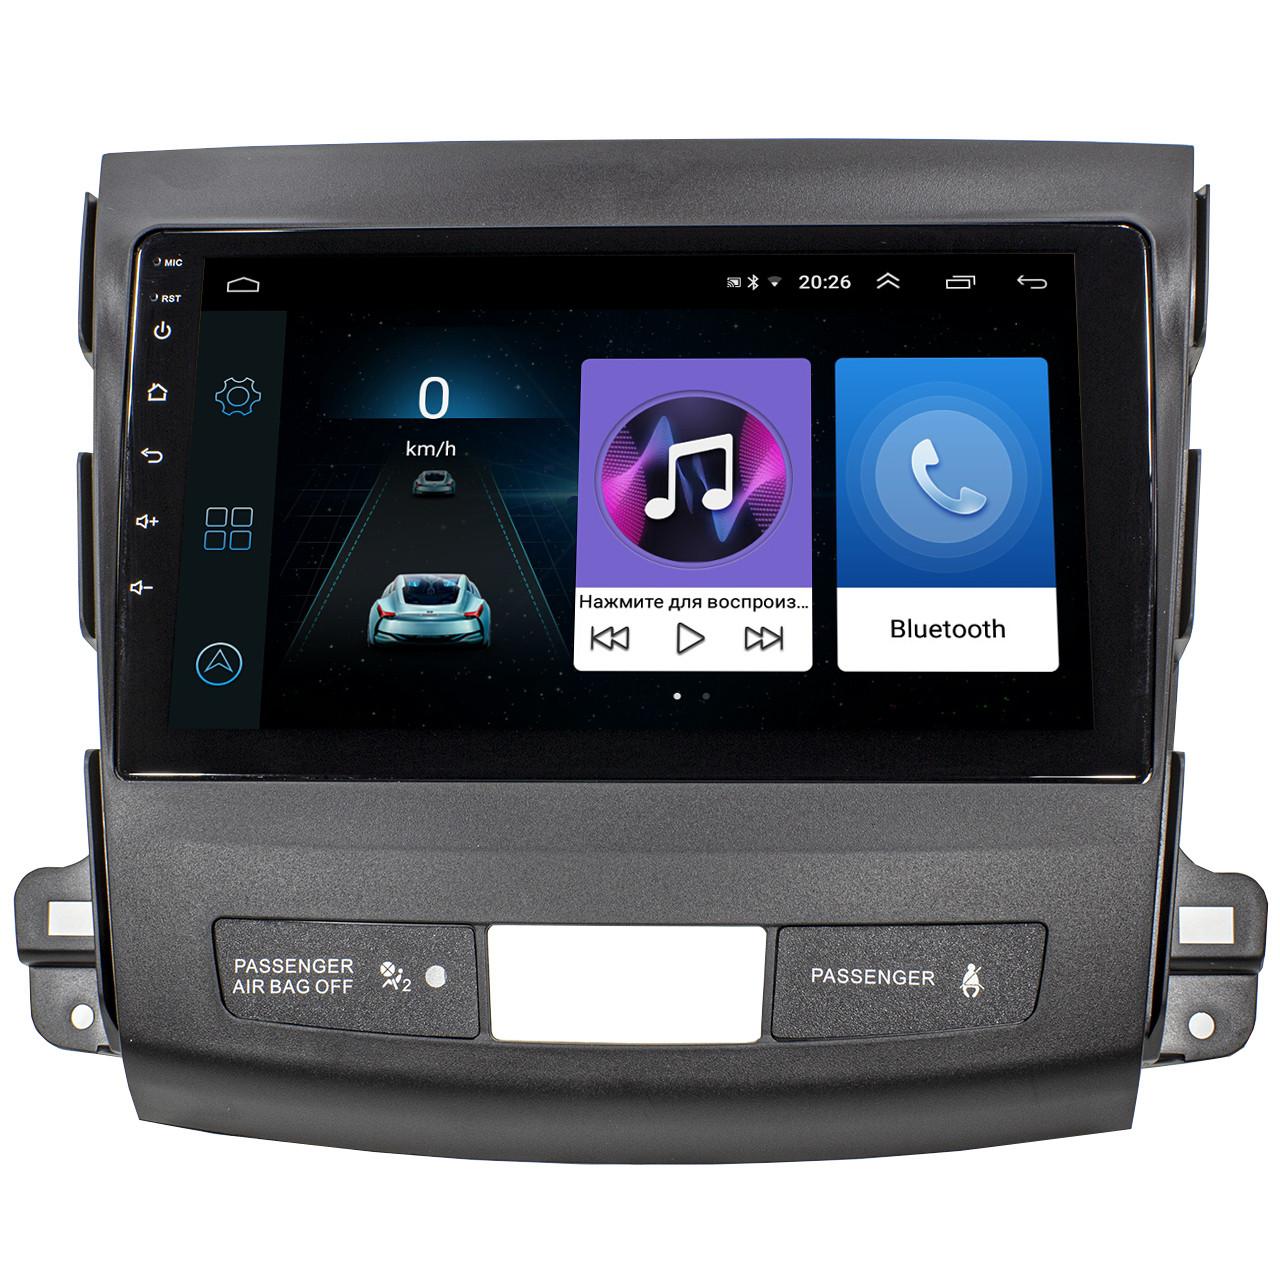 """ϞШтатная магнитола для автомобиля Mitsubishi Outlander 2005-2012г экран 9"""" GPS-навигация WiFi Android 8.1 хит*"""